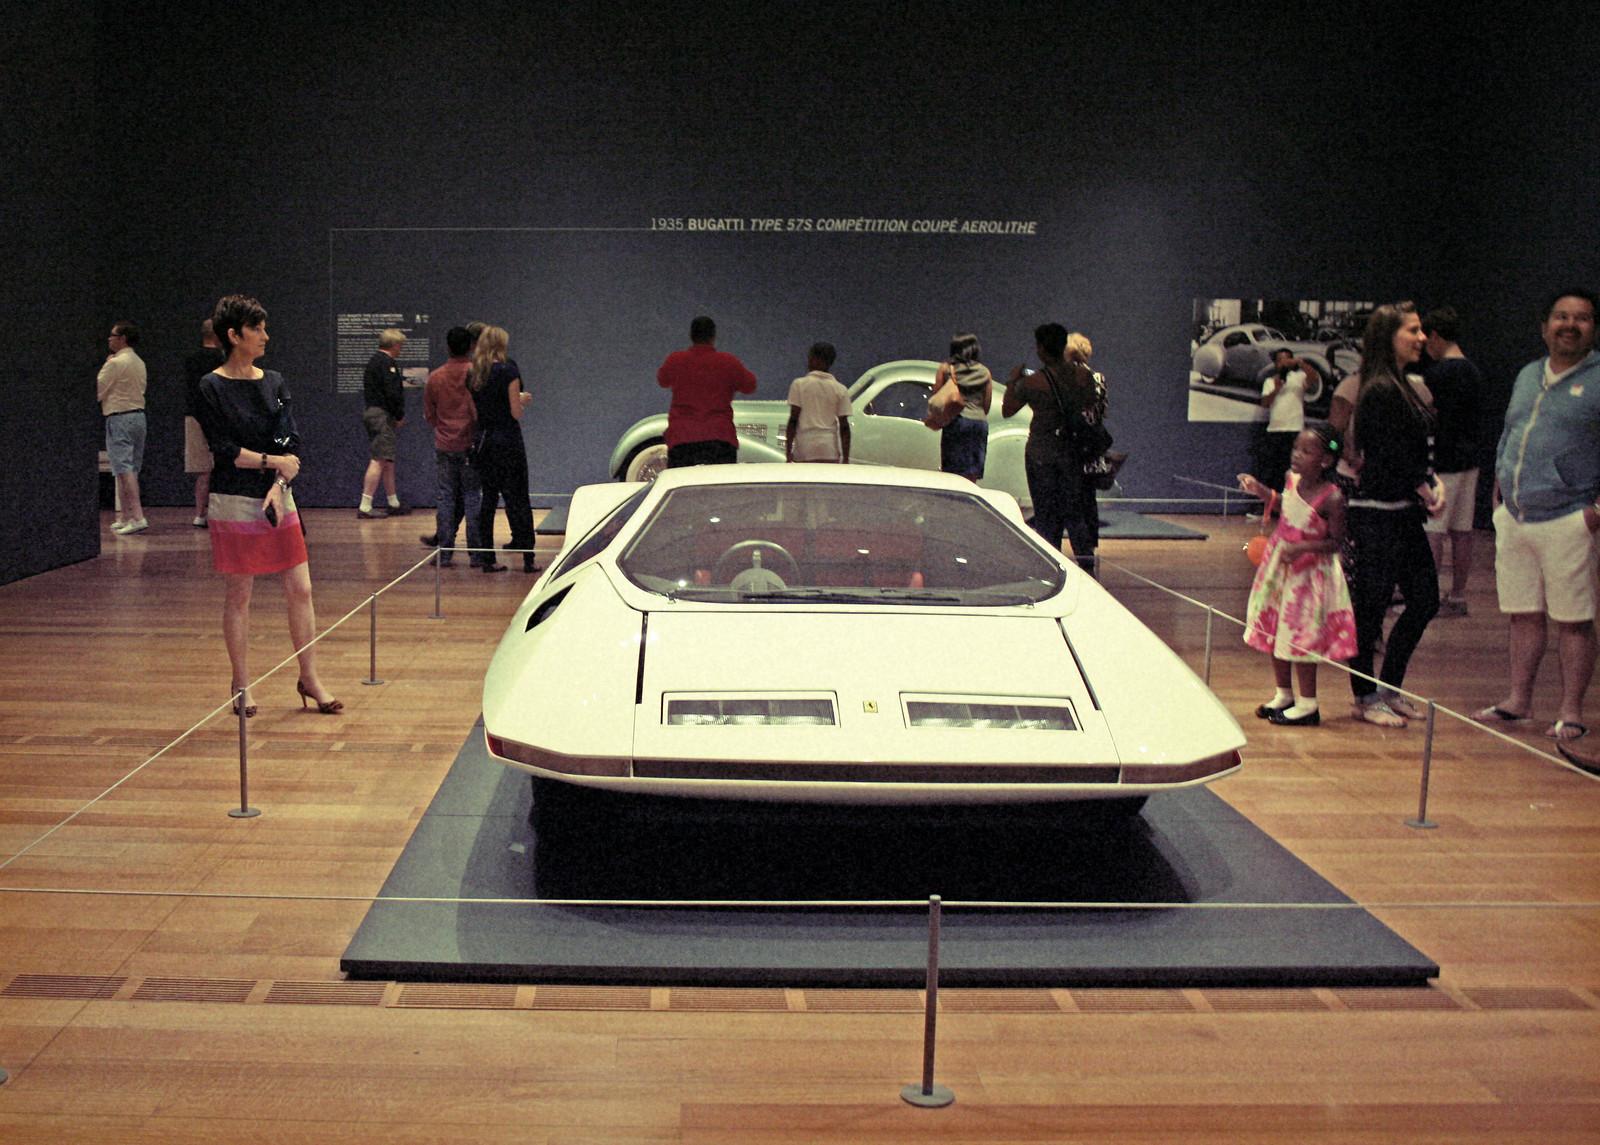 1970 Ferrari, Dream Cars Exhibit, High Museum, Summer 2014